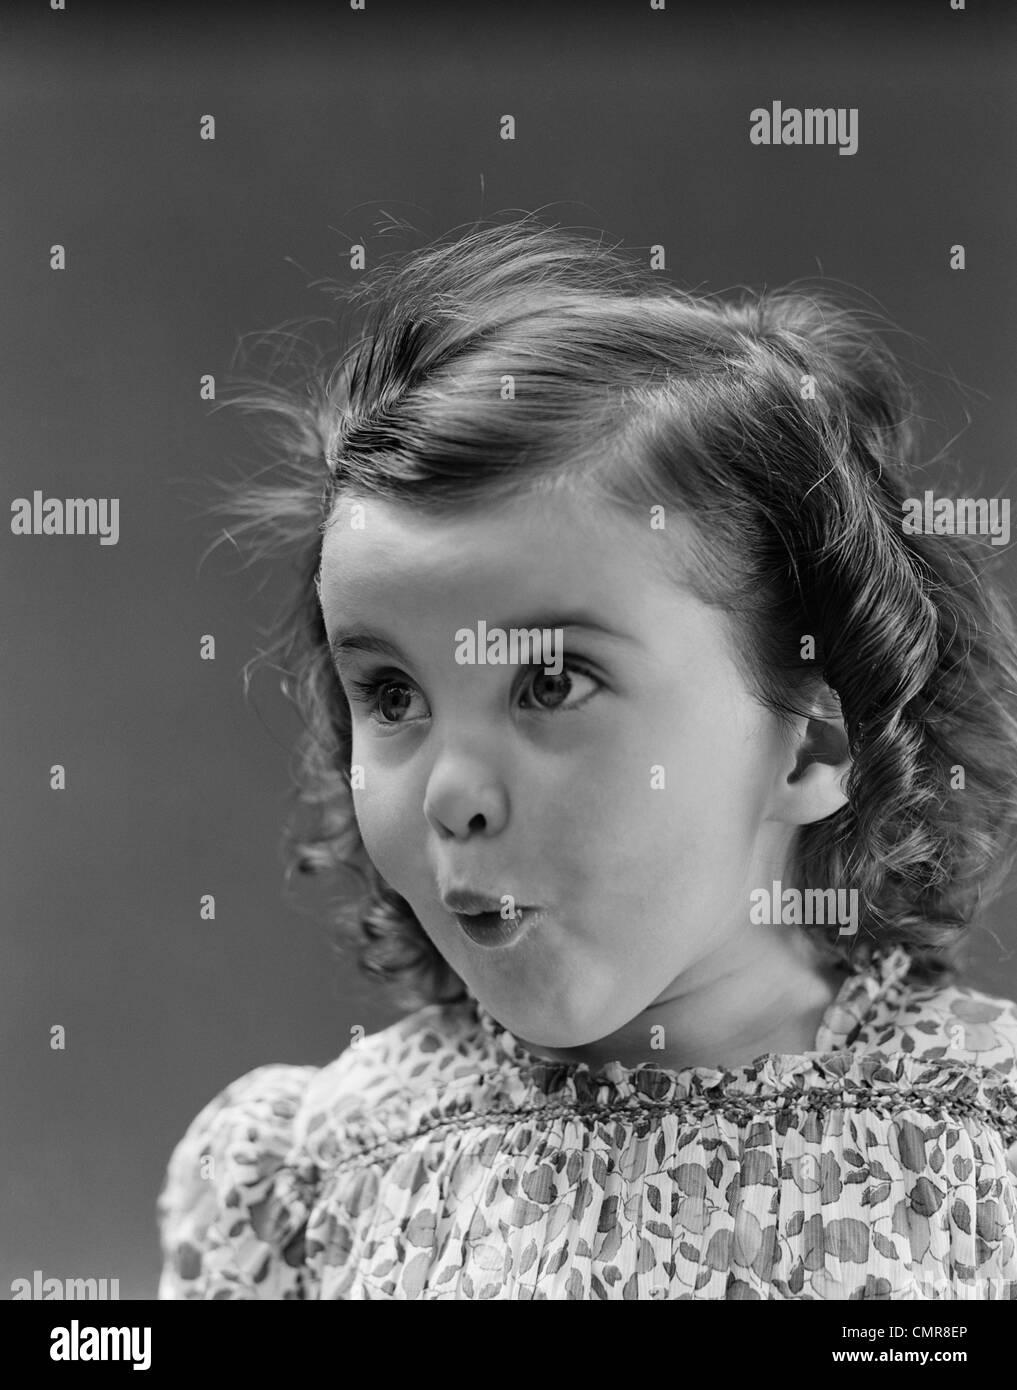 1930 PORTRAIT PETITE FILLE BRUNE AVEC L'expression du visage étonné surpris Banque D'Images